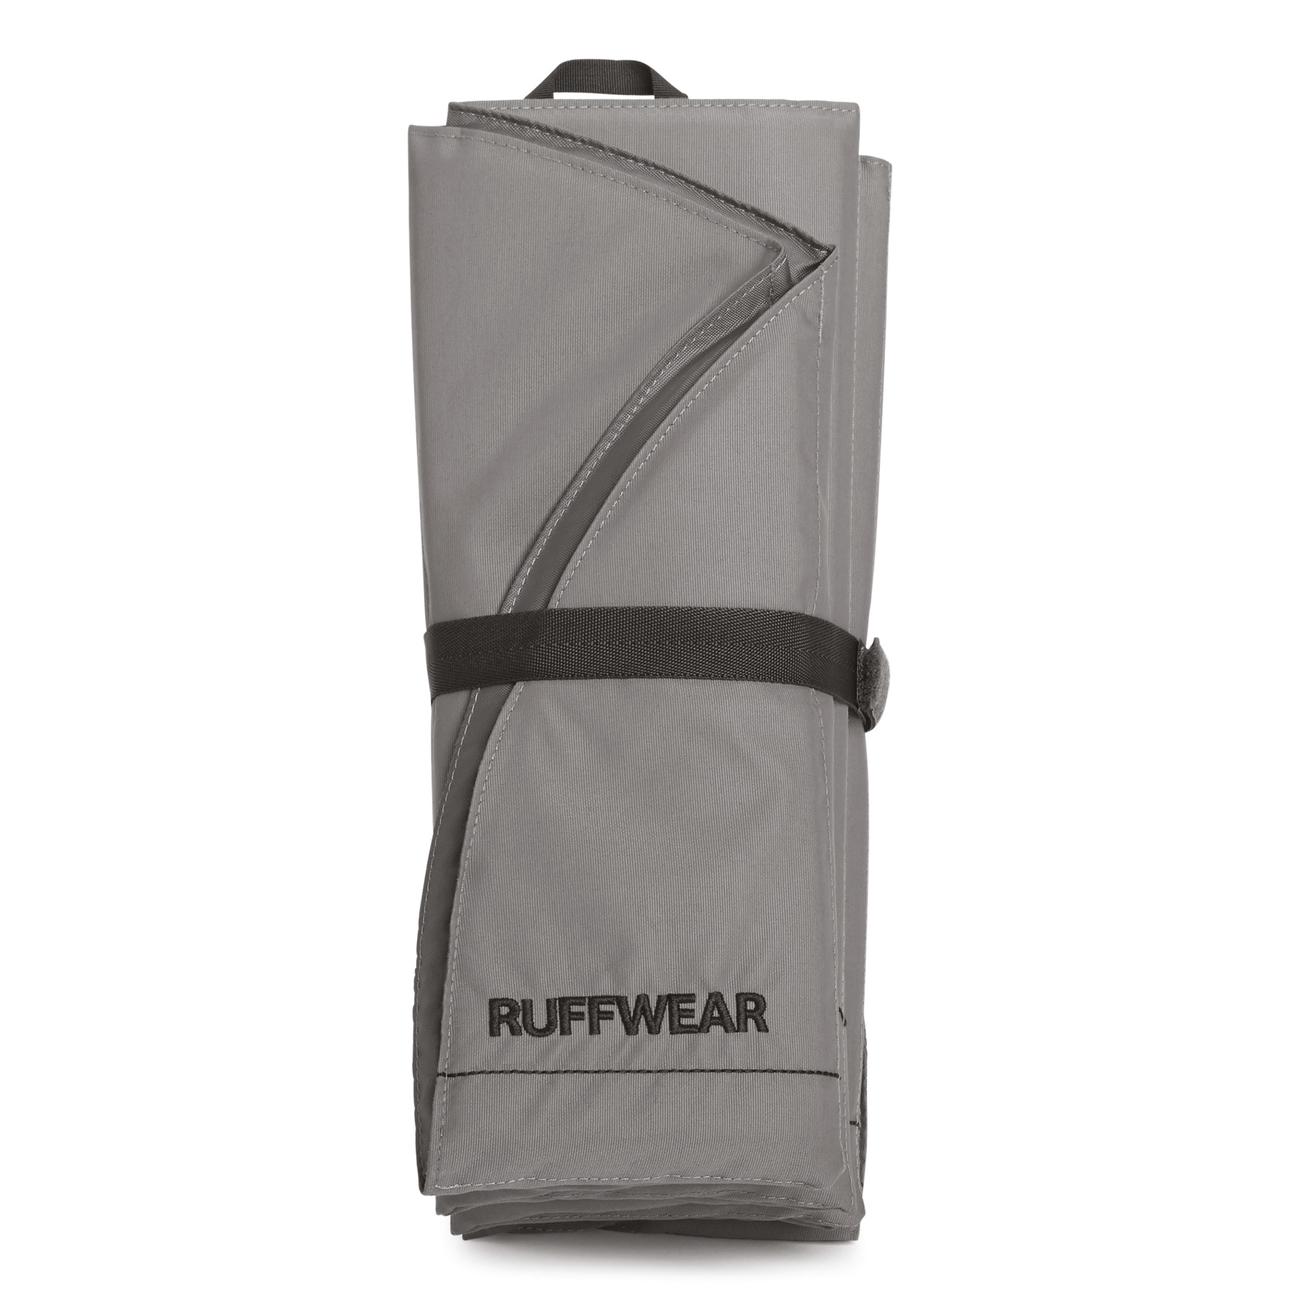 Ruffwear Highlands Pad Hundedecke, Bild 4